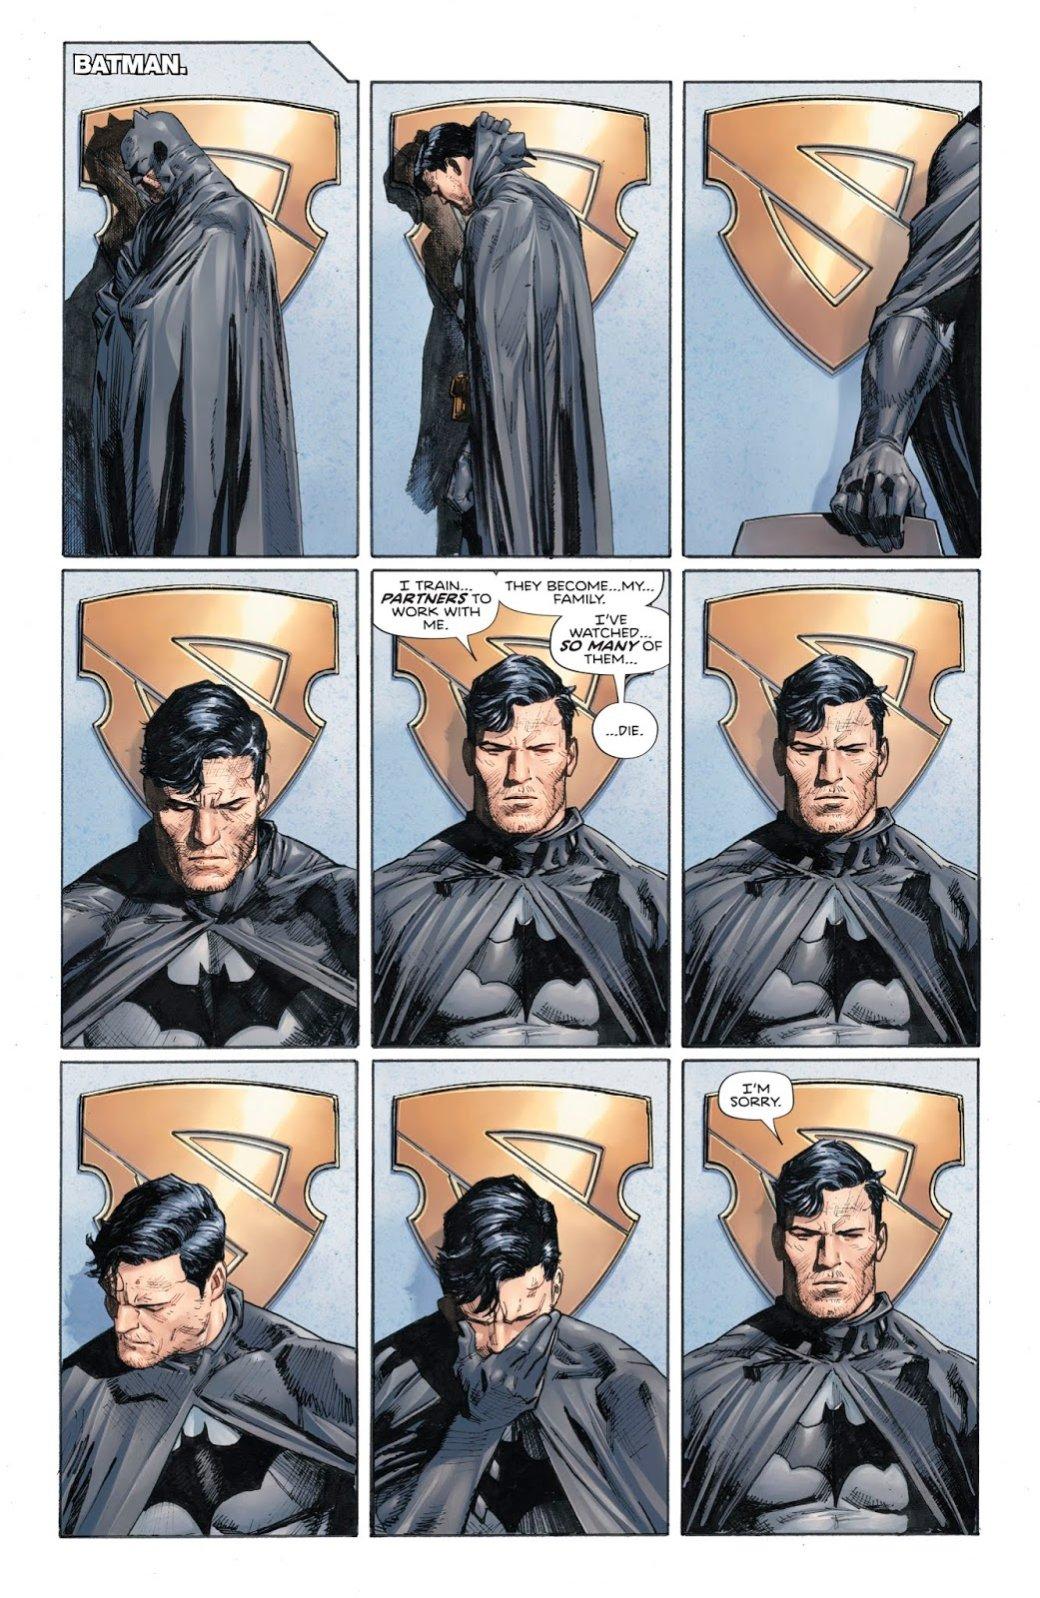 Heroes inCrisis: последствия поступков супергероев